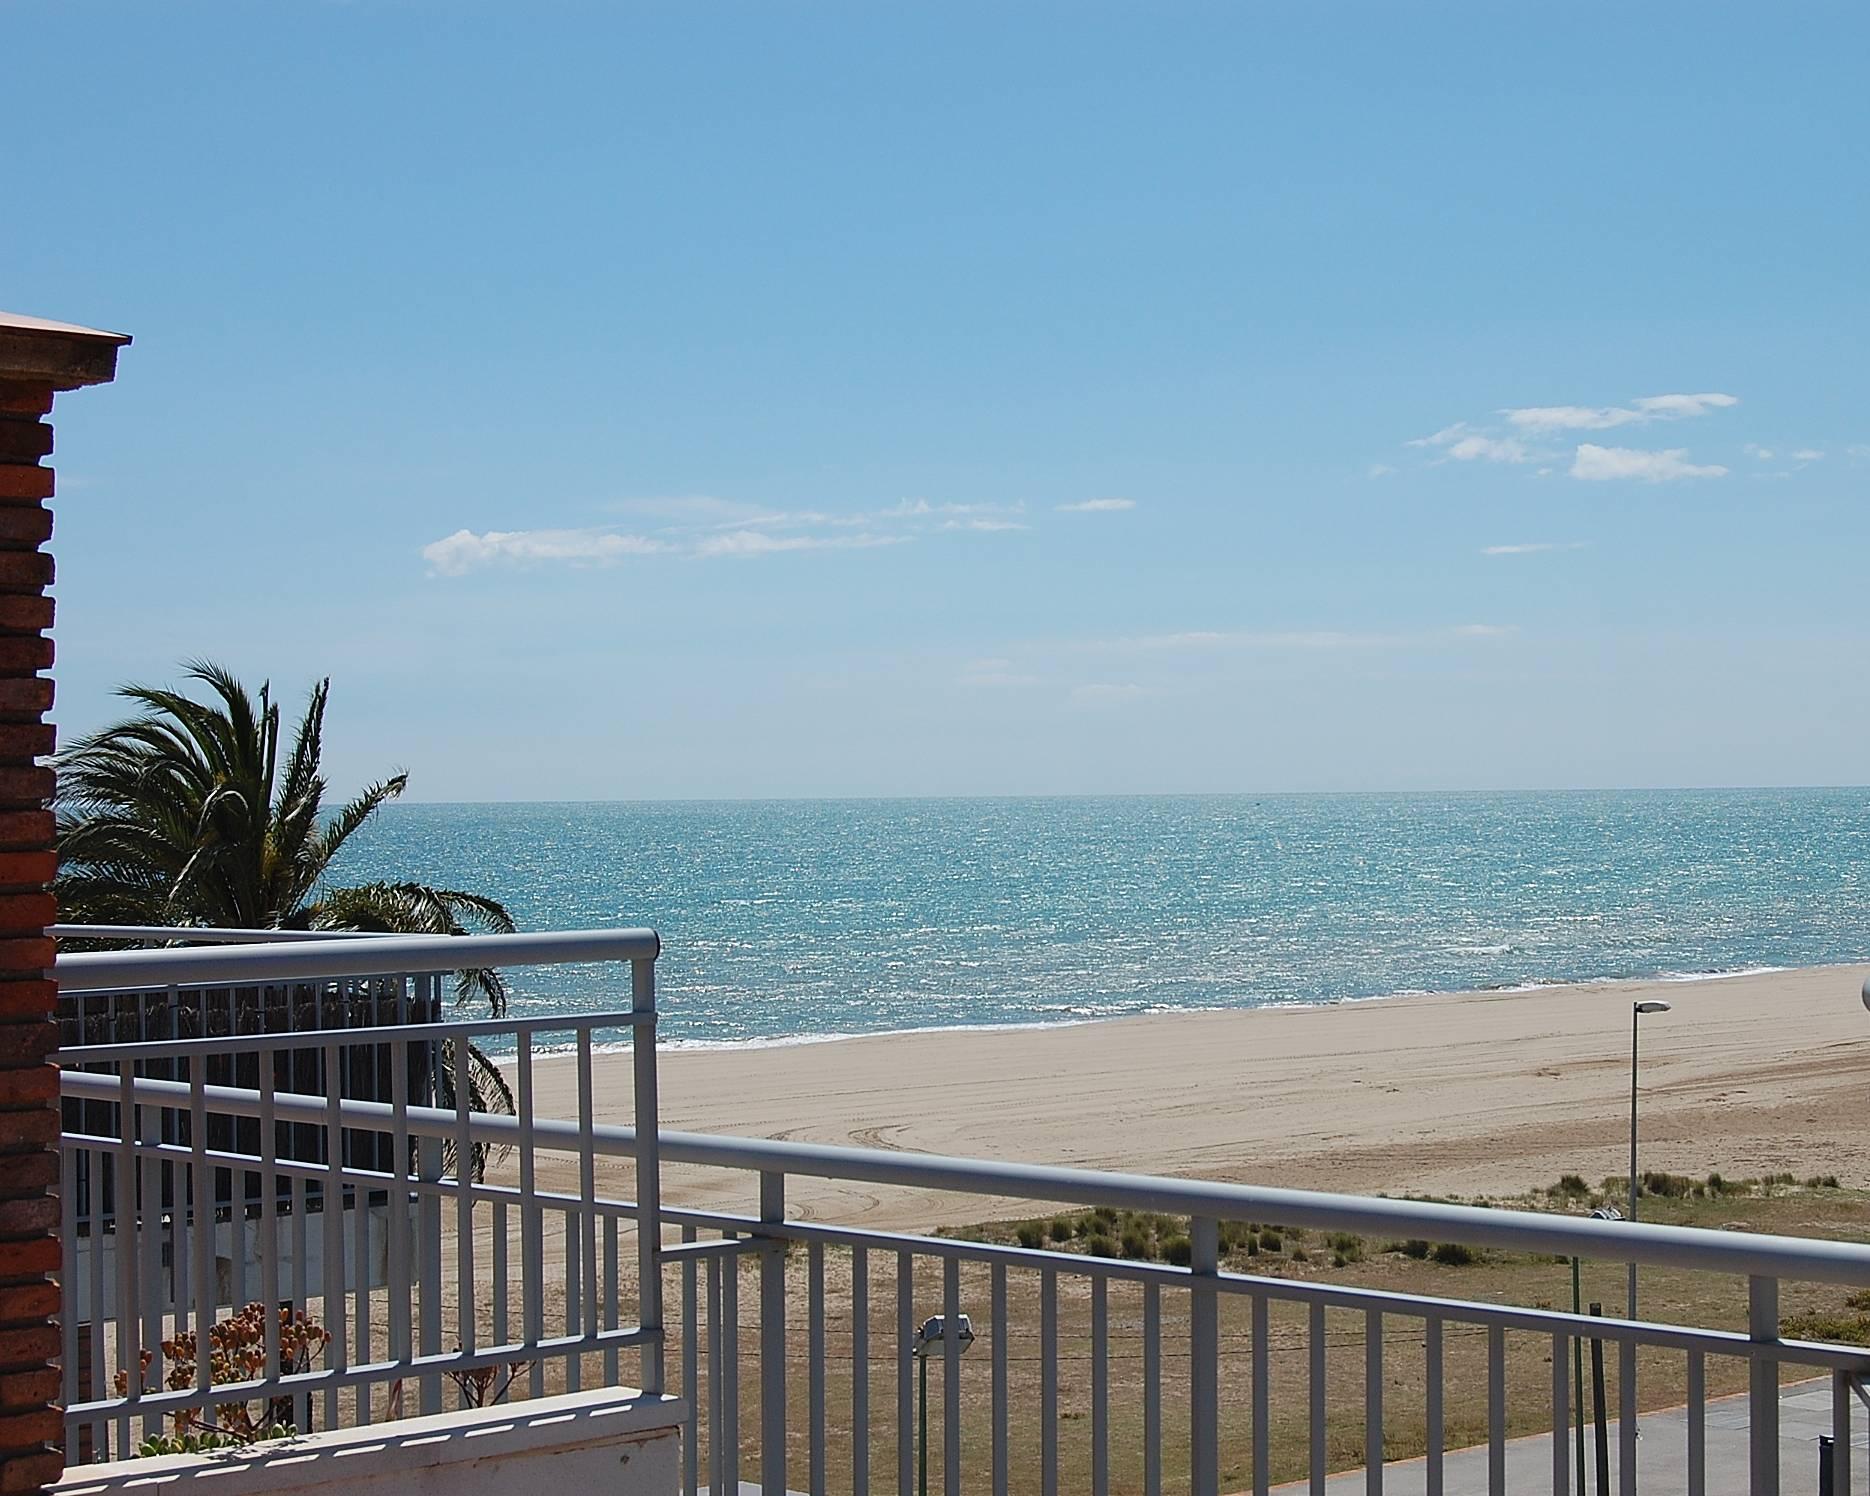 Appartement pour 4 personnes front de mer - Appartement de vacances barcelone mesura ...